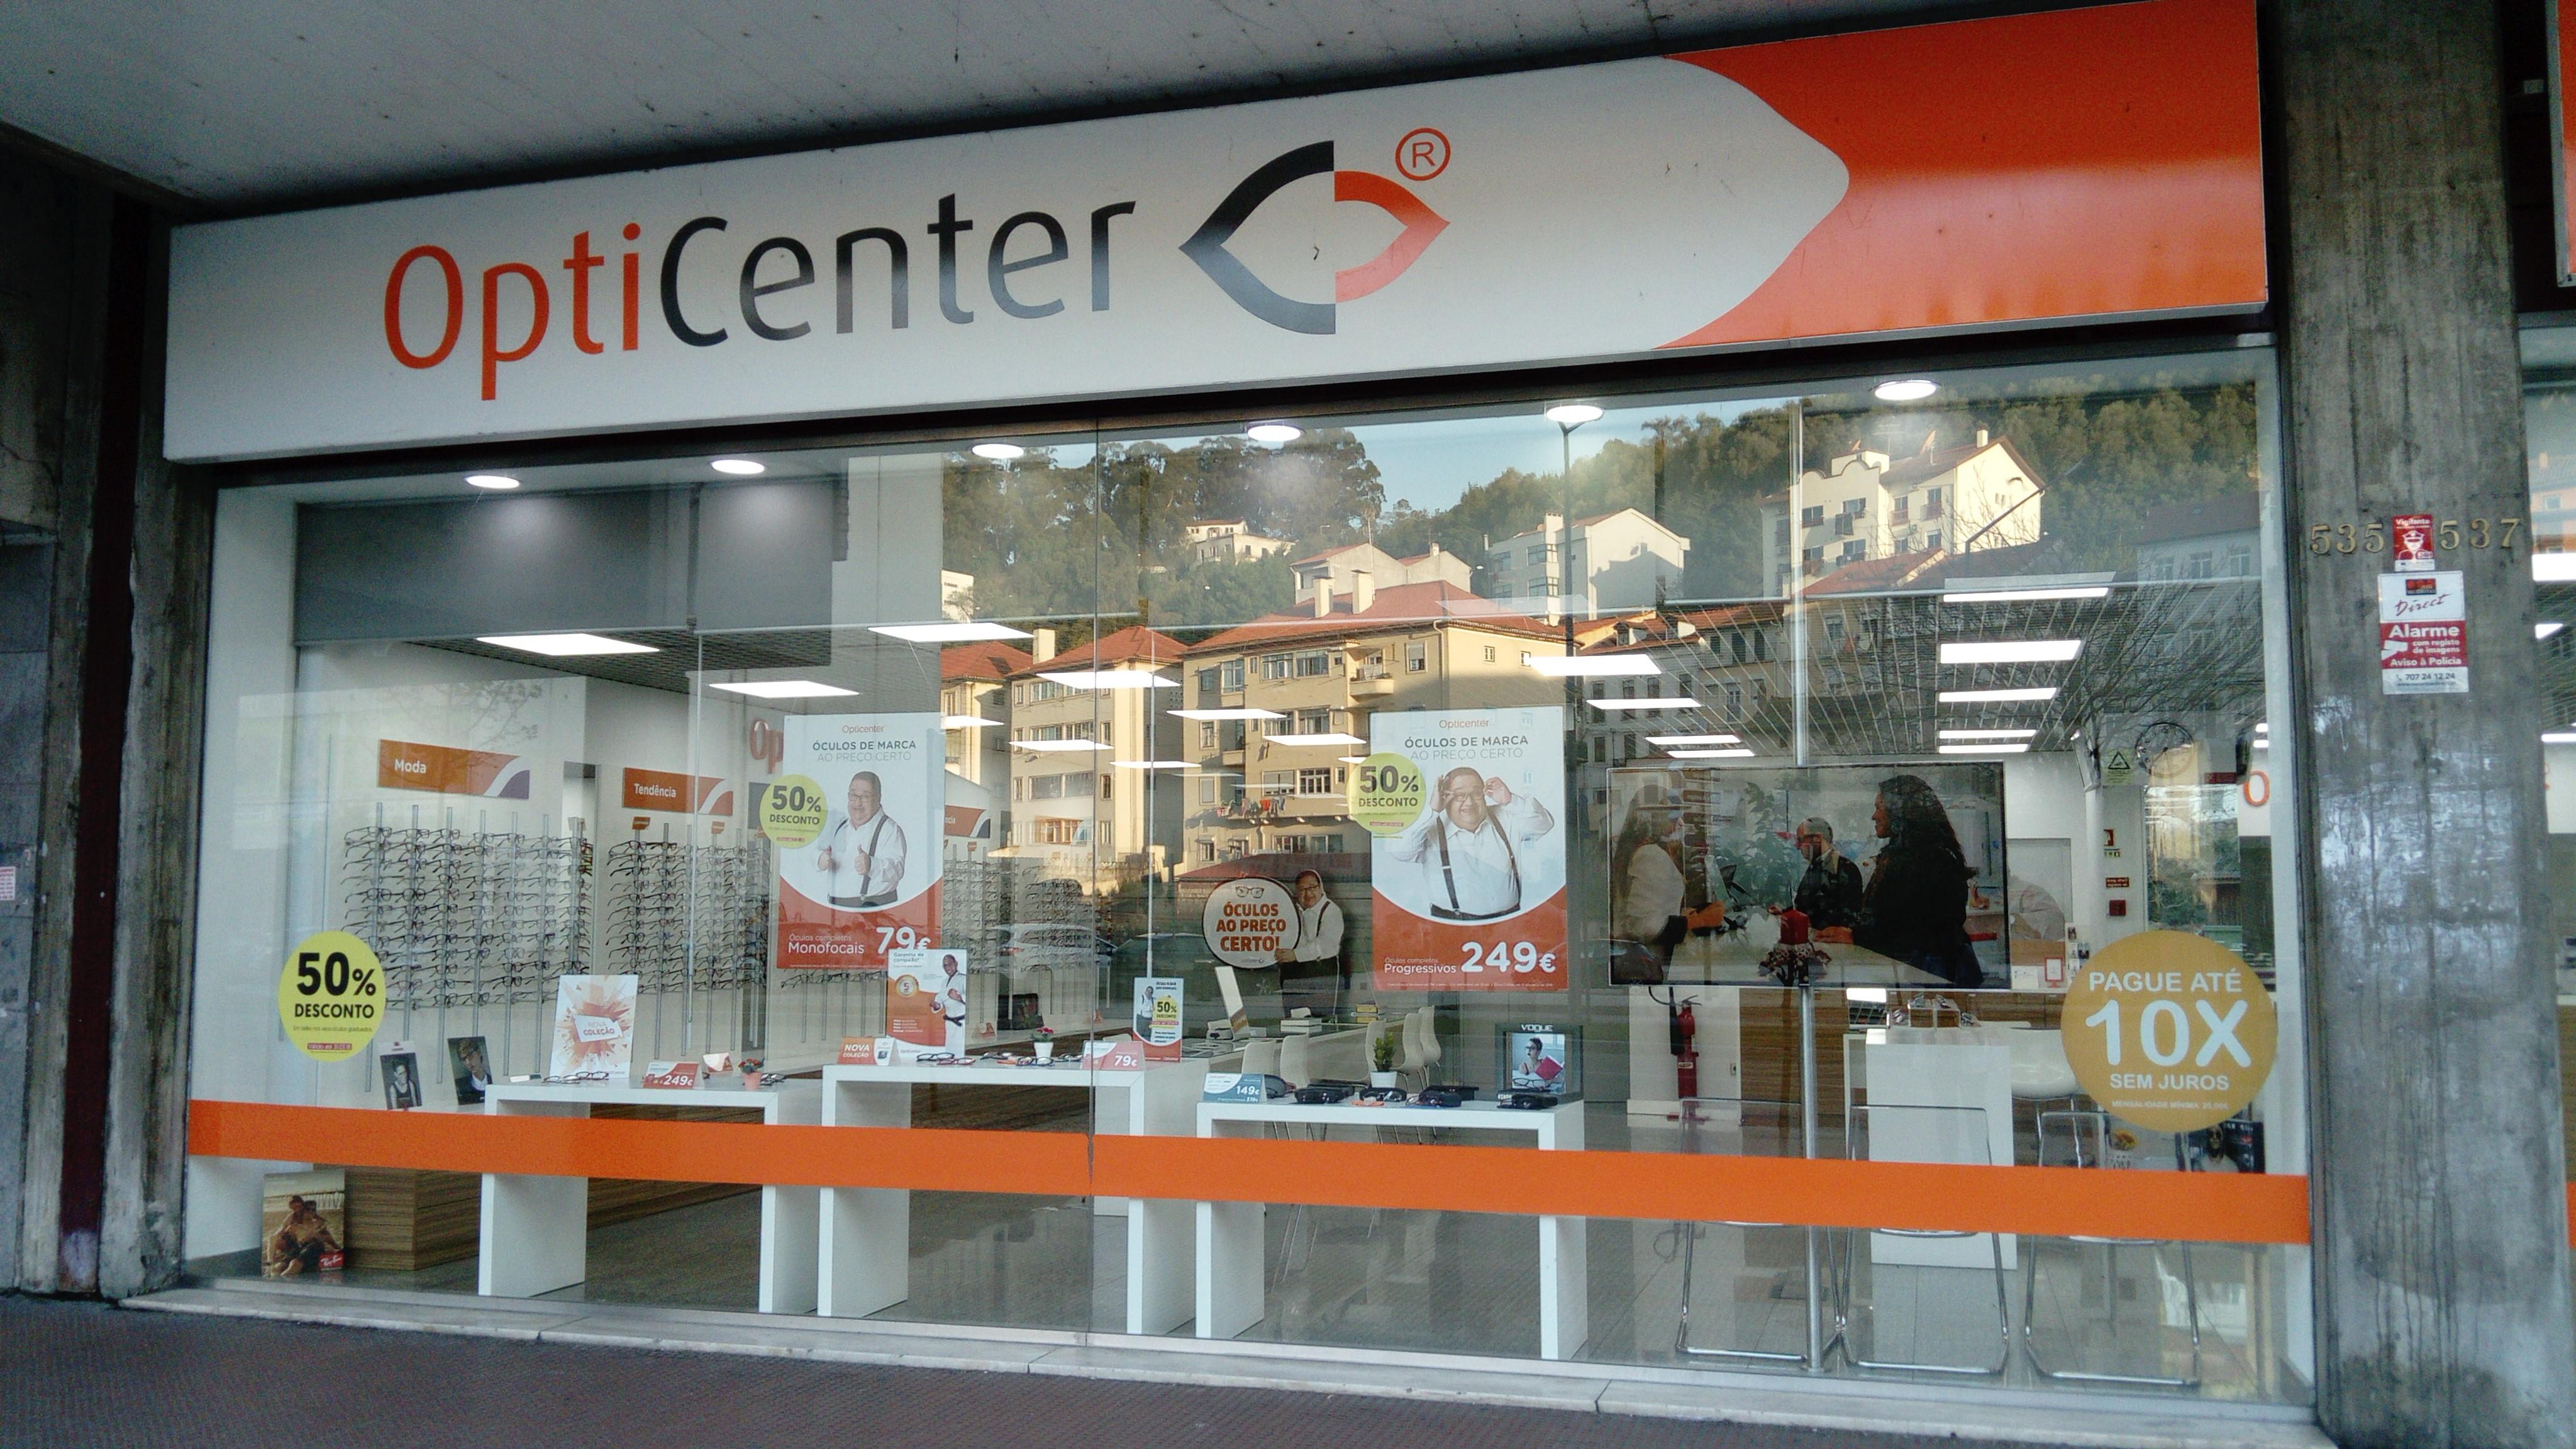 a9fdf0a26 Opticenter Coimbra - Opticenter - Óculos ao Preço Certo!